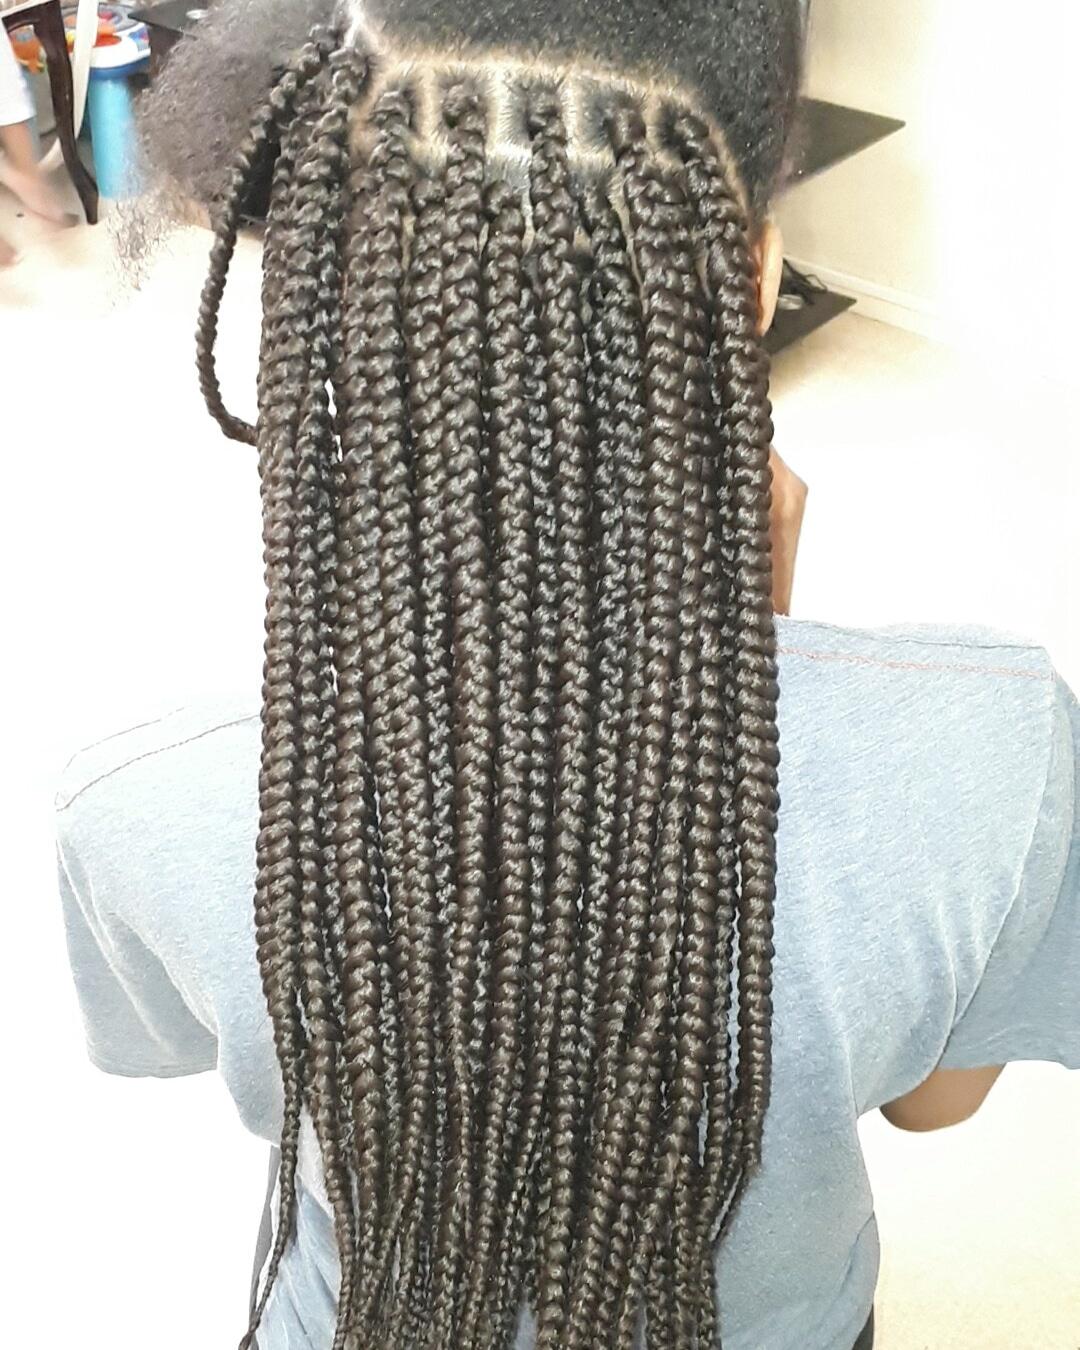 salon de coiffure afro tresse tresses box braids crochet braids vanilles tissages paris 75 77 78 91 92 93 94 95 FZGGBZXY